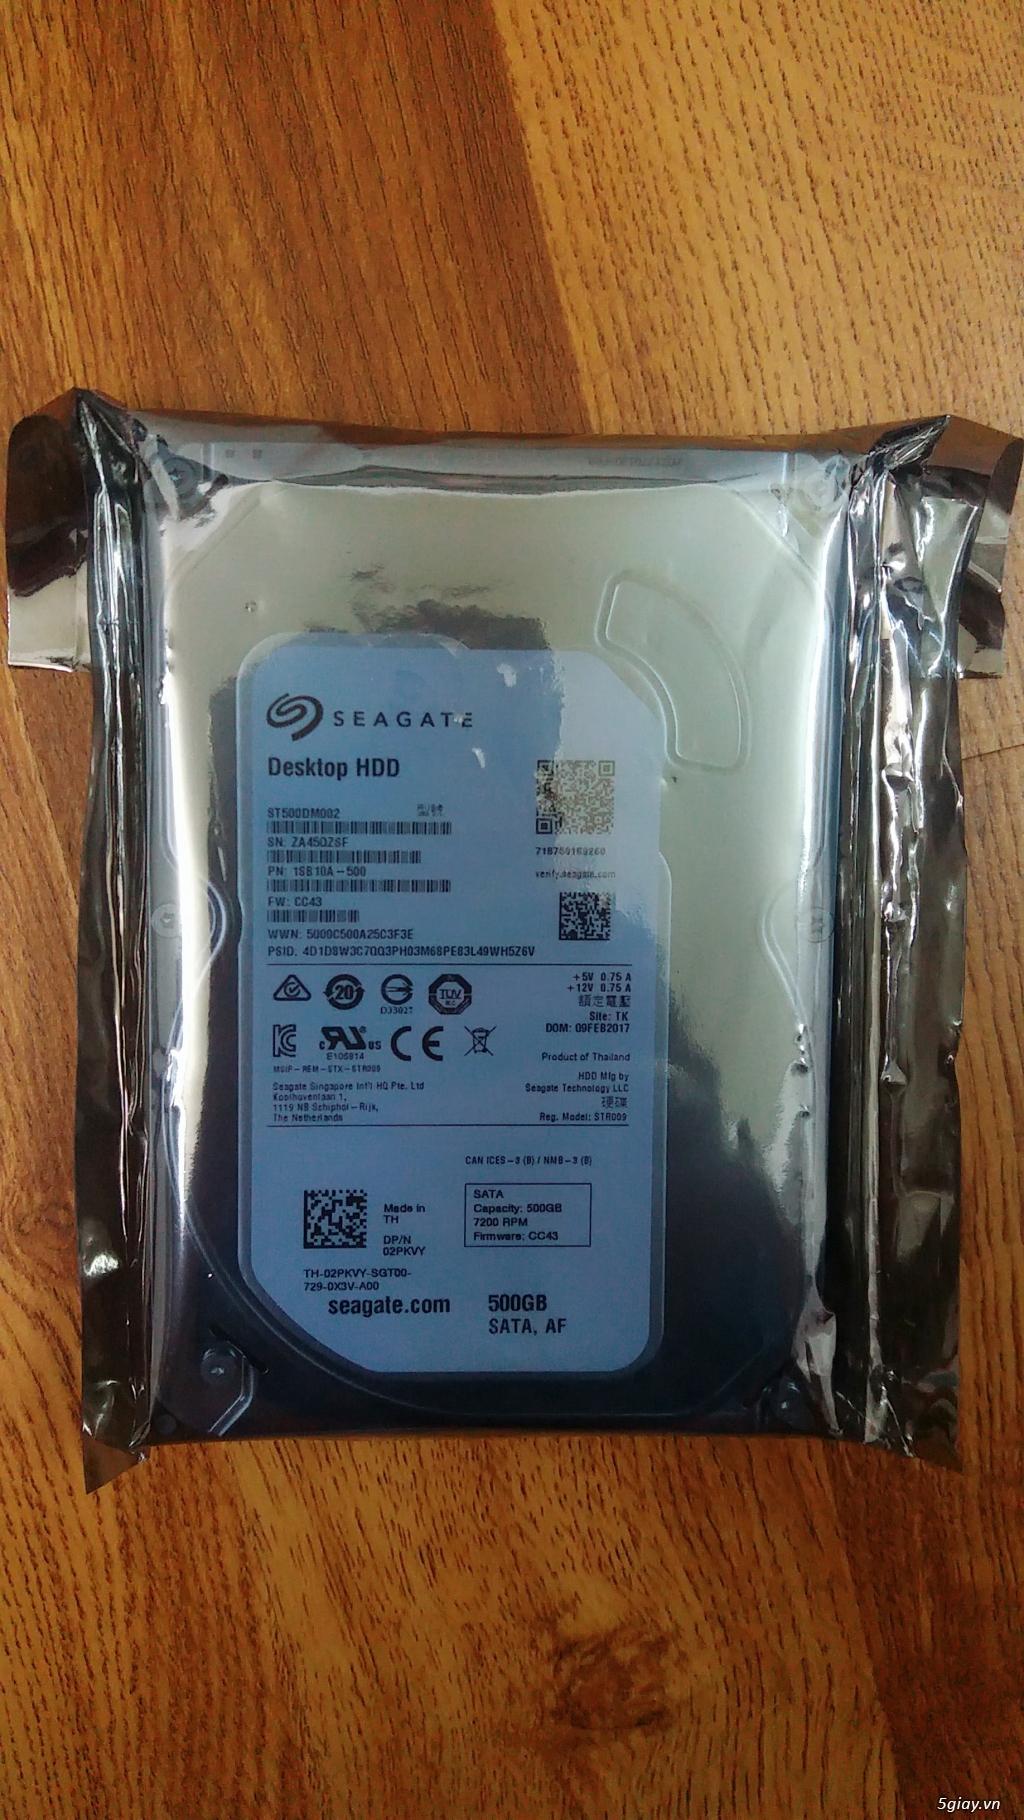 Ổ cứng pc, laptop 320gb đến 1tb mới 100% nhập từ Mỹ giá sỉ. - 8